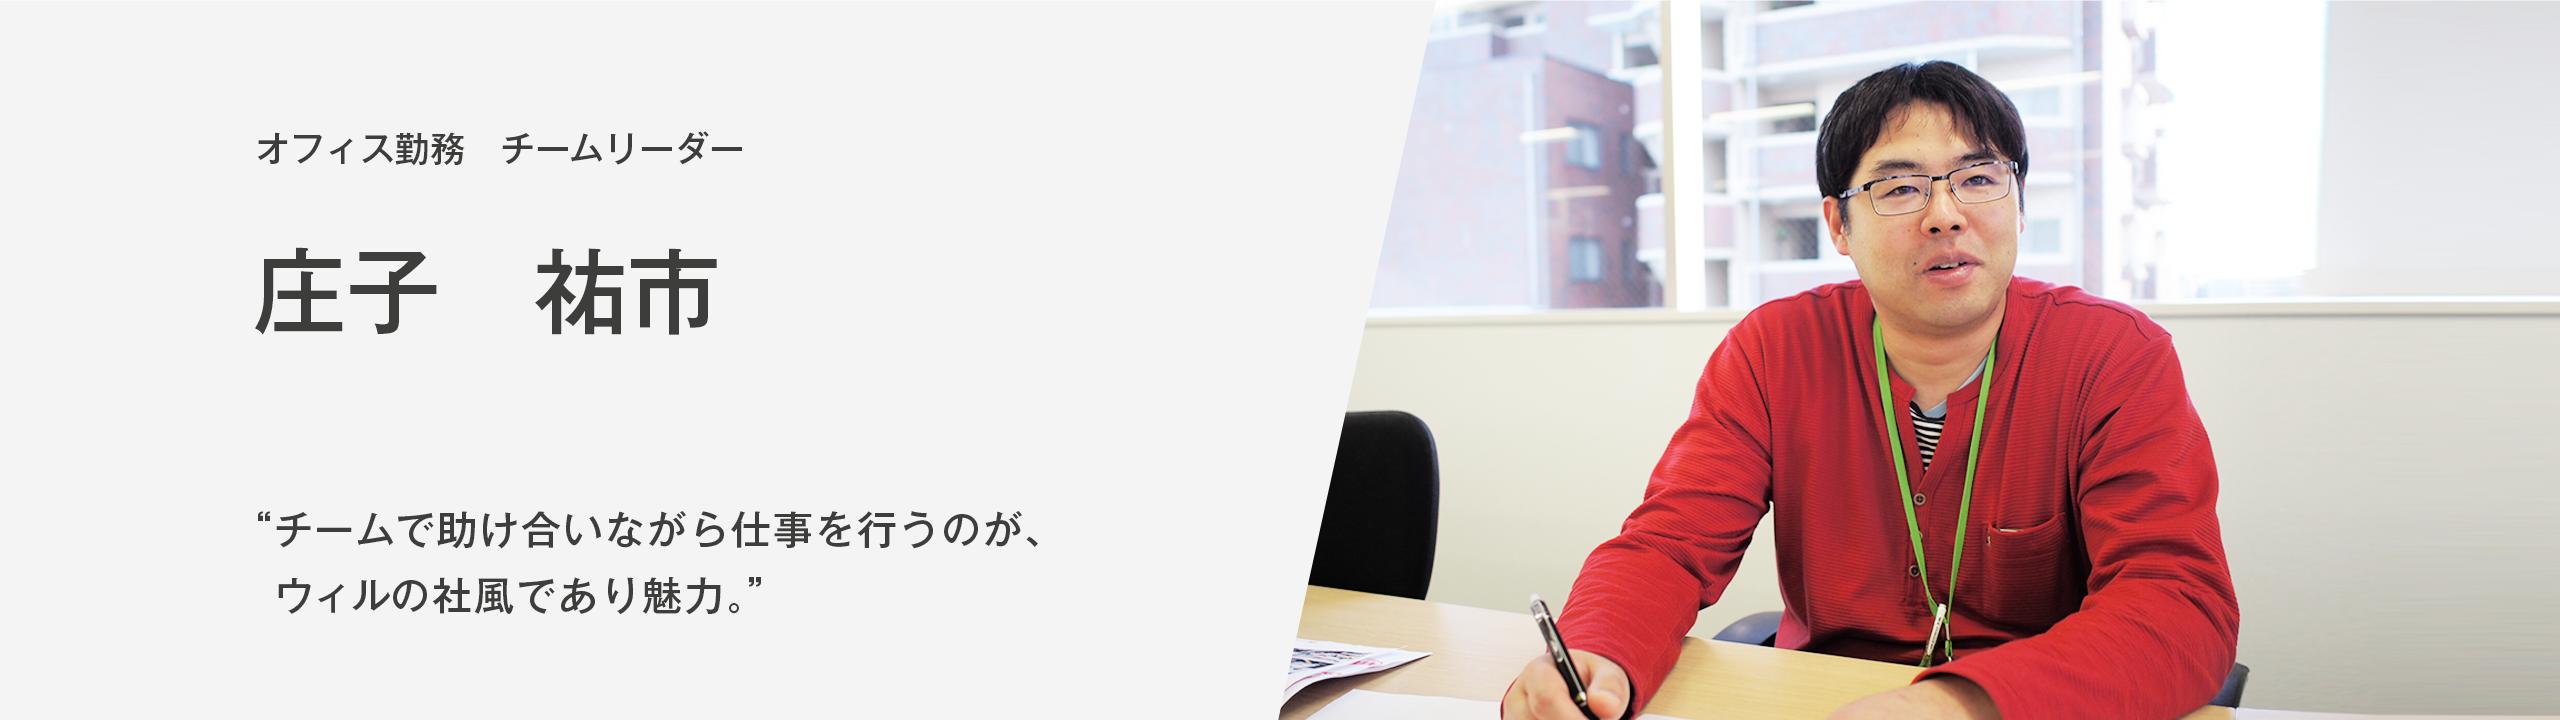 """オフィス勤務 チームリーダー 庄子祐市 """"チームで助け合いながら仕事を行うのが、ウィルの社風であり、魅力"""""""